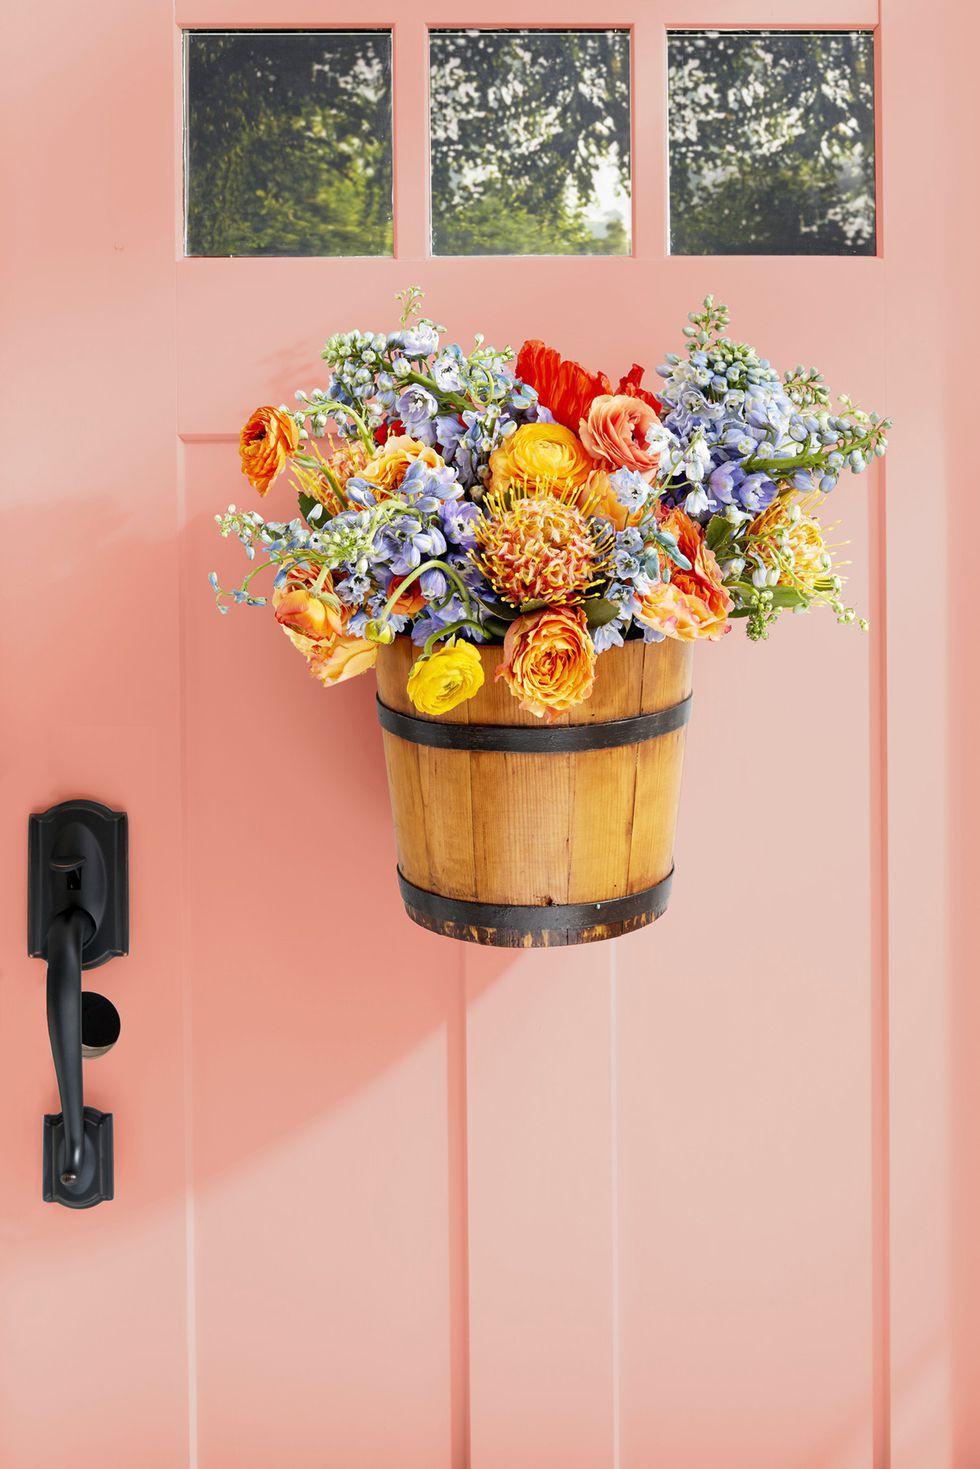 9 cách tận dụng đồ cũ làm hoa treo vừa xinh đẹp vừa tiết kiệm để trang trí trước cửa nhà   - Ảnh 4.